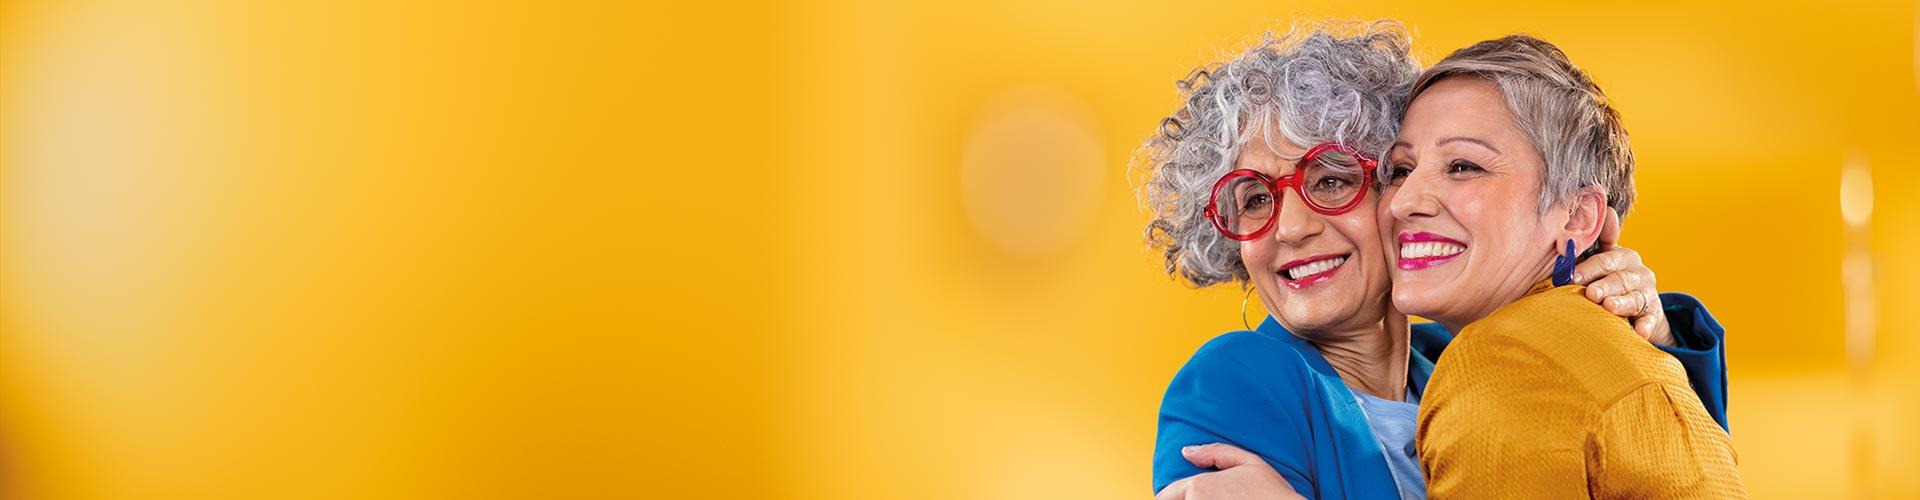 İki orta yaşlı kadın birbirlerine sarılıyor. Biri Philips HearLink neredeyse görünmez kulak içi işitme cihazları kullanıyor.